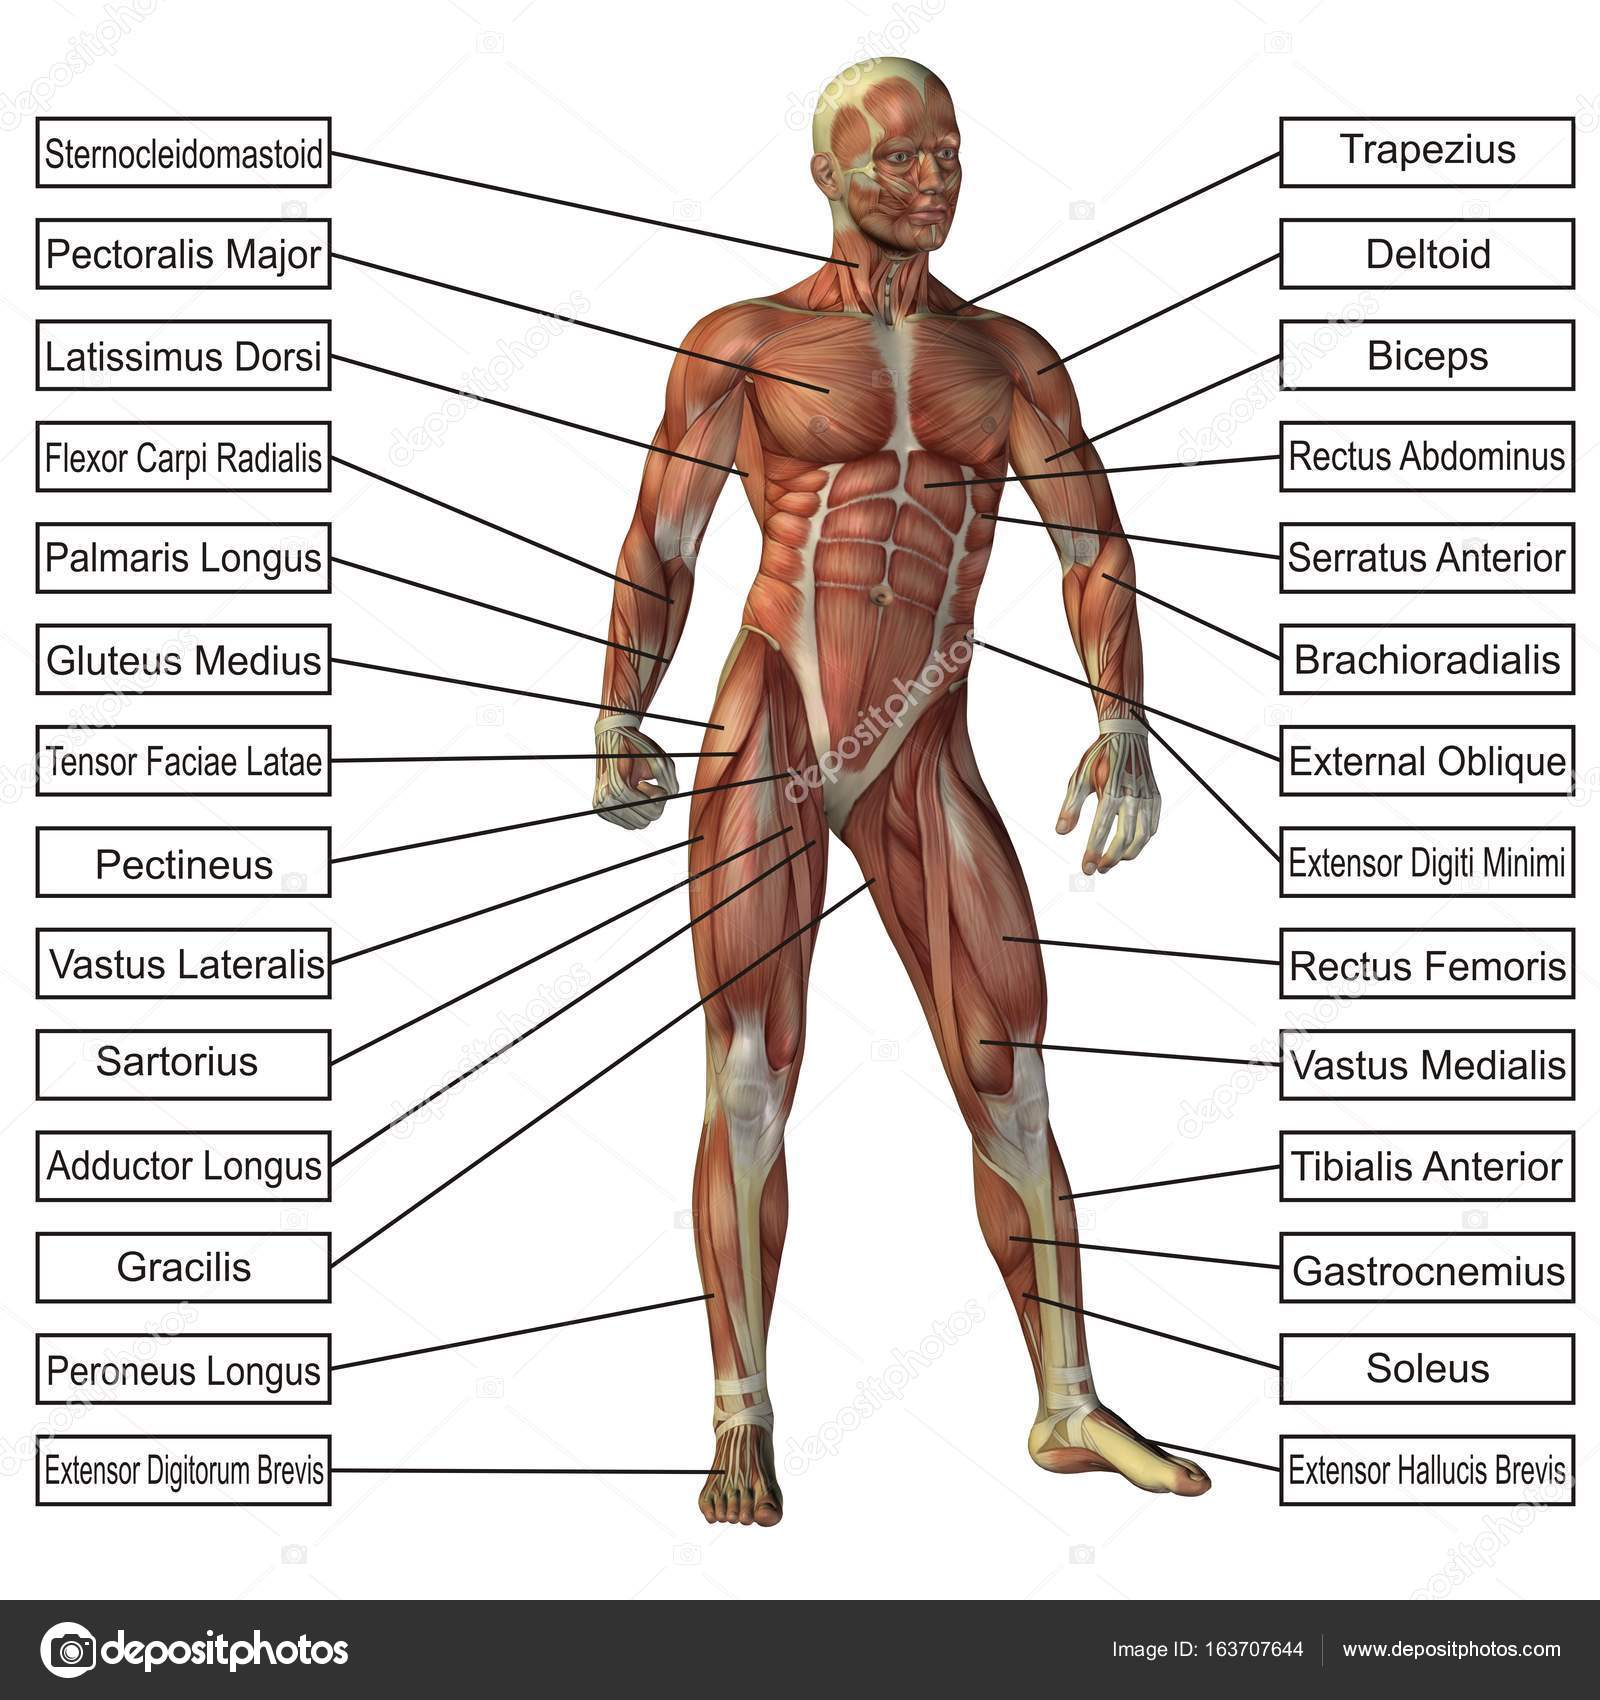 Ilustración cuerpo humano 3D — Foto de stock © design36 #163707644